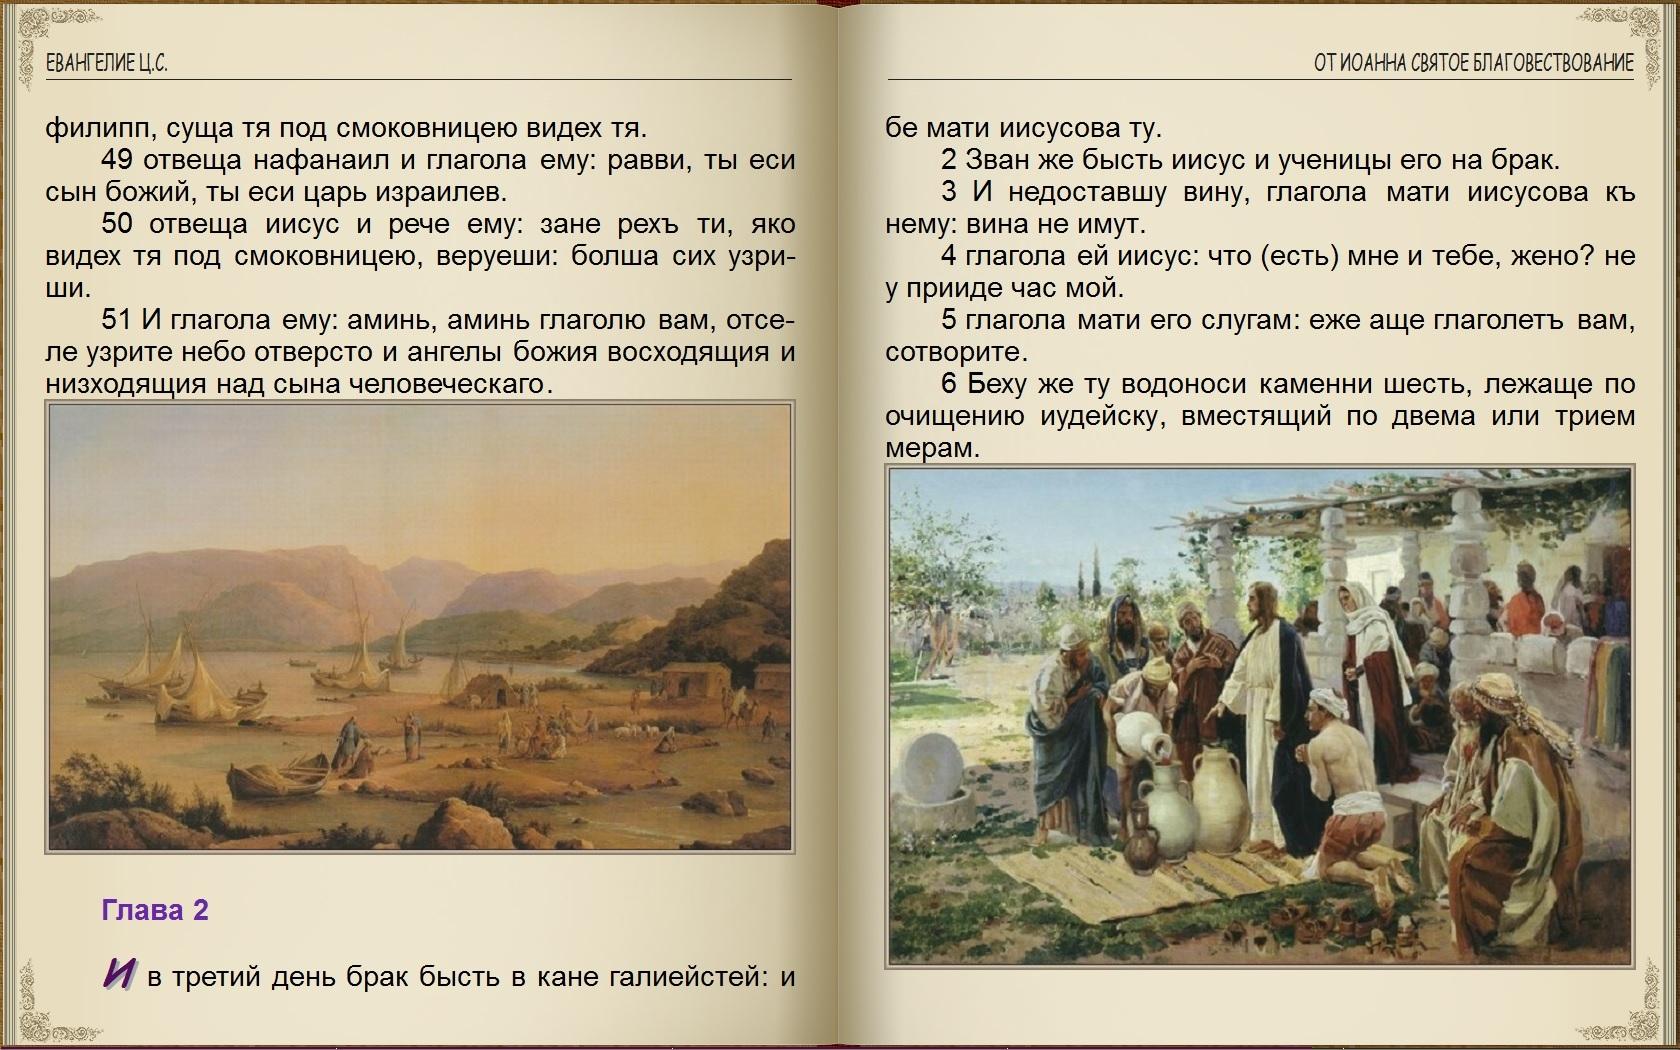 http://i3.imageban.ru/out/2014/01/09/e1439030e50c57e30ffac651a04731d5.jpg